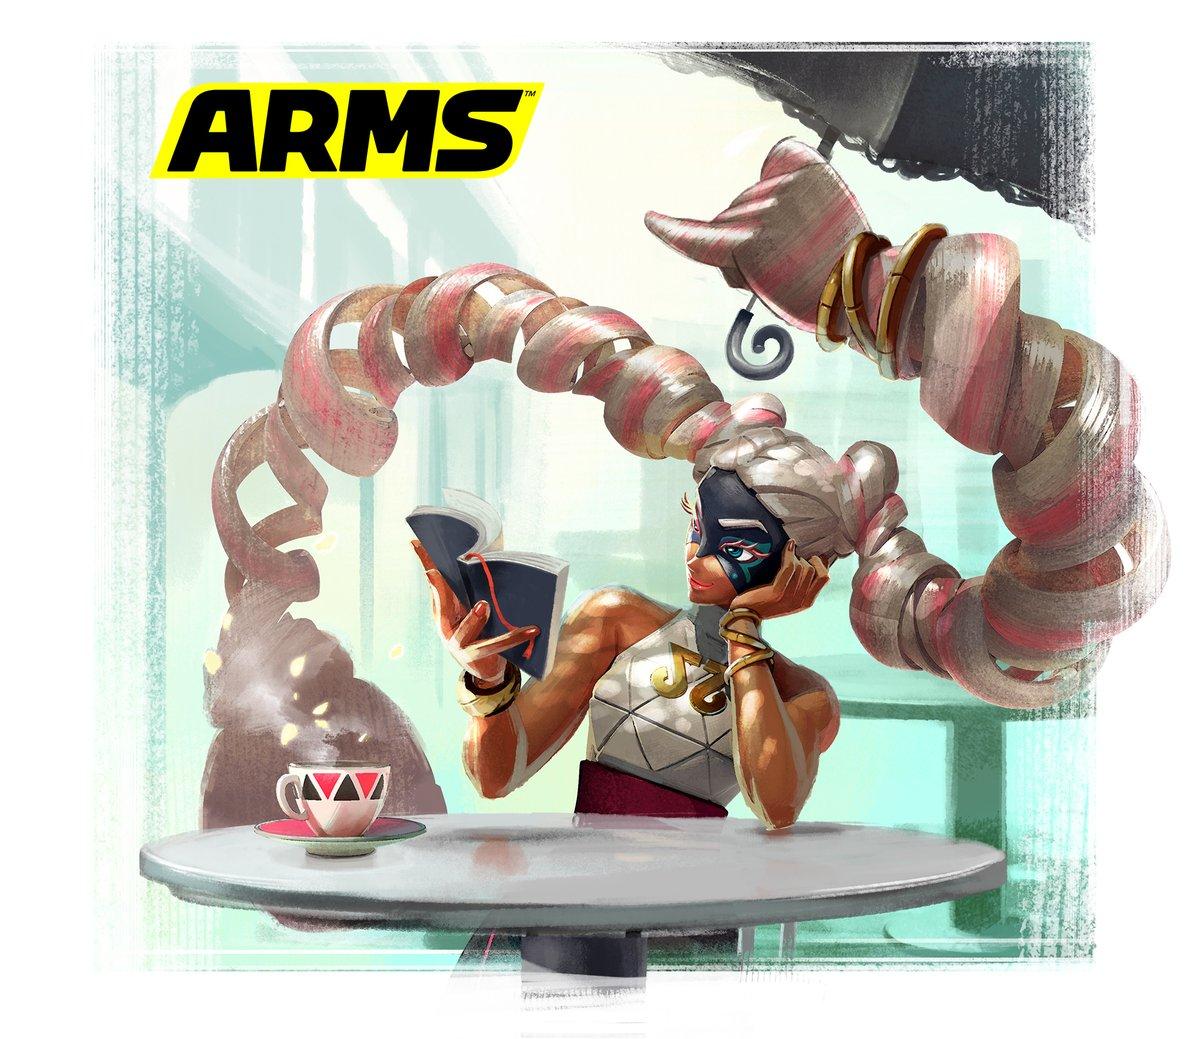 『ARMS』 スプリングマンとツインテーラのアートワークが公開